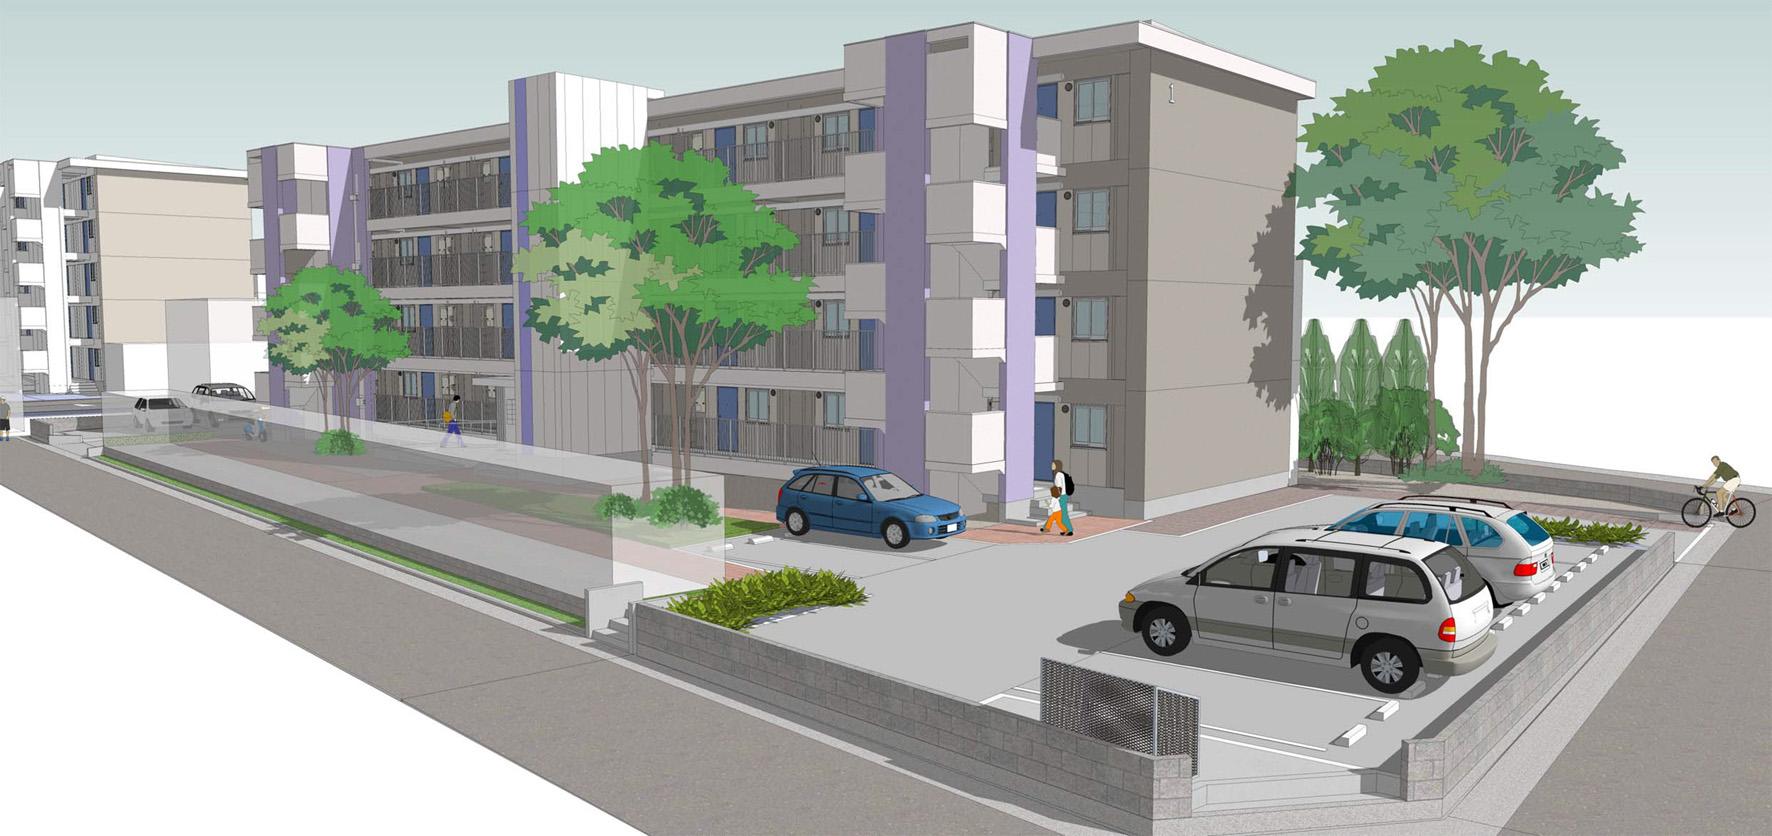 K住宅住戸改善等基本設計及び耐震診断、耐震補強設計業務